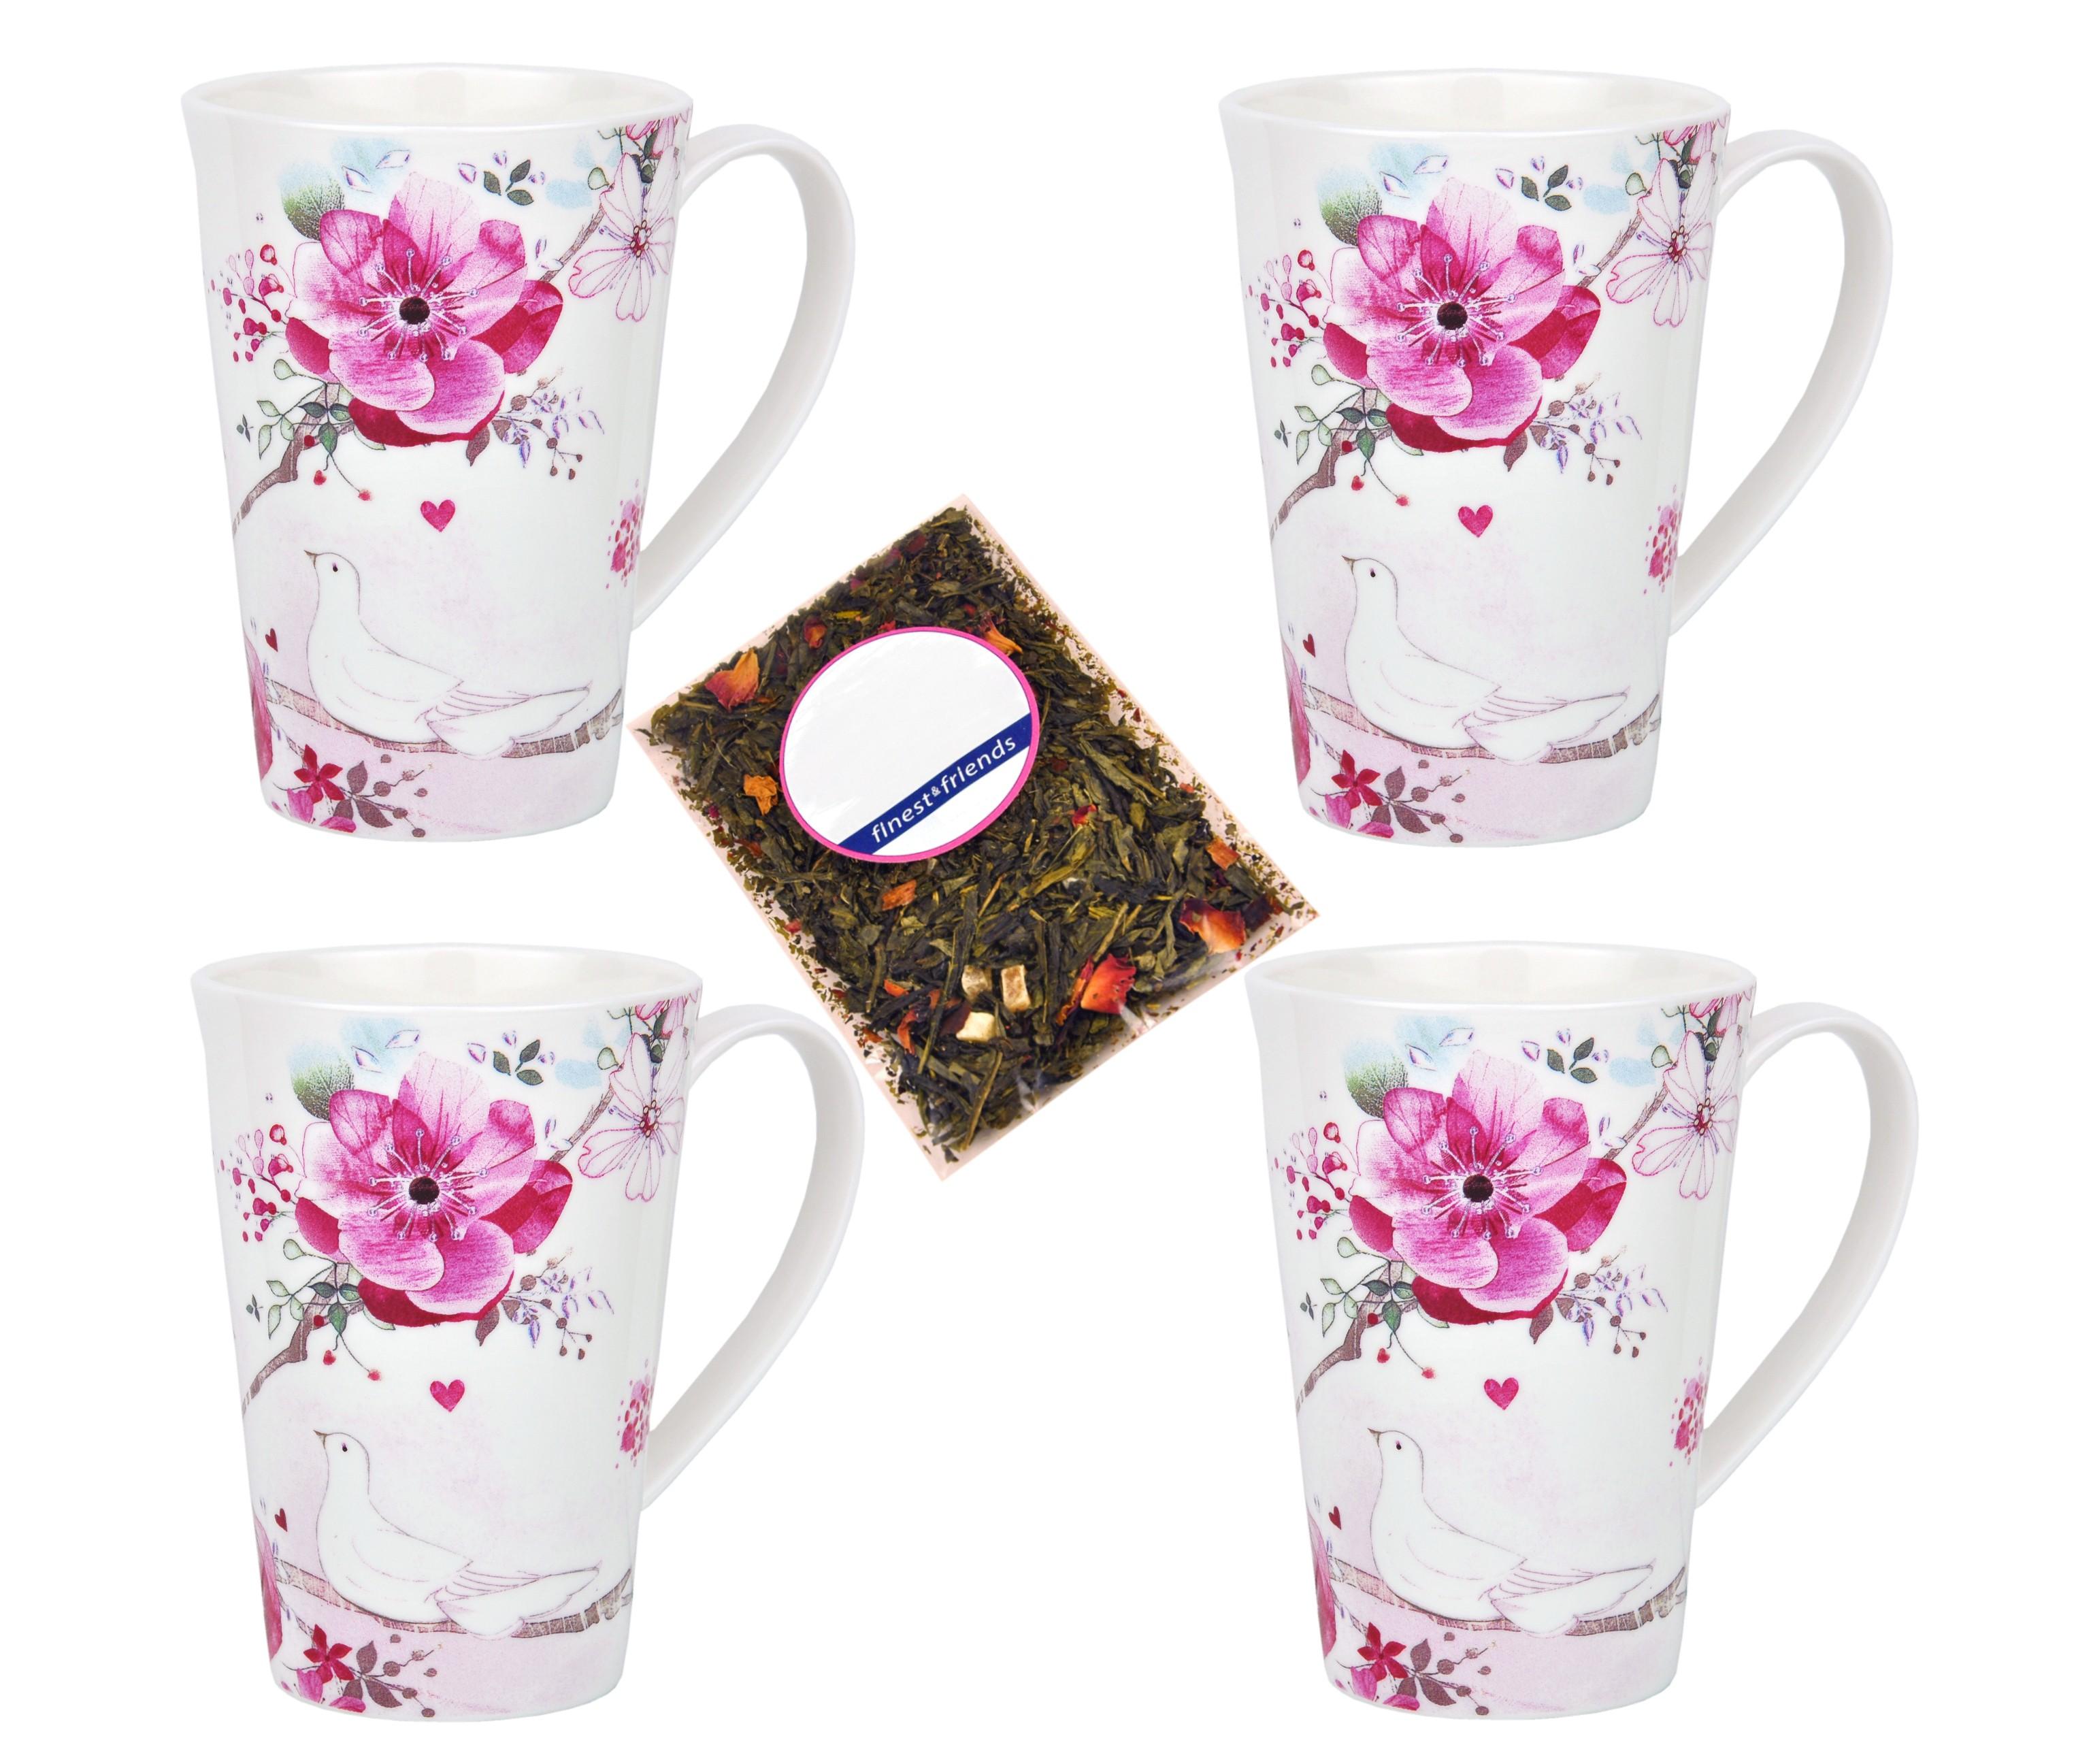 4er becher set mit rosen und tauben dekor jameson tailor 4502 teeprobe porzellan tassen. Black Bedroom Furniture Sets. Home Design Ideas